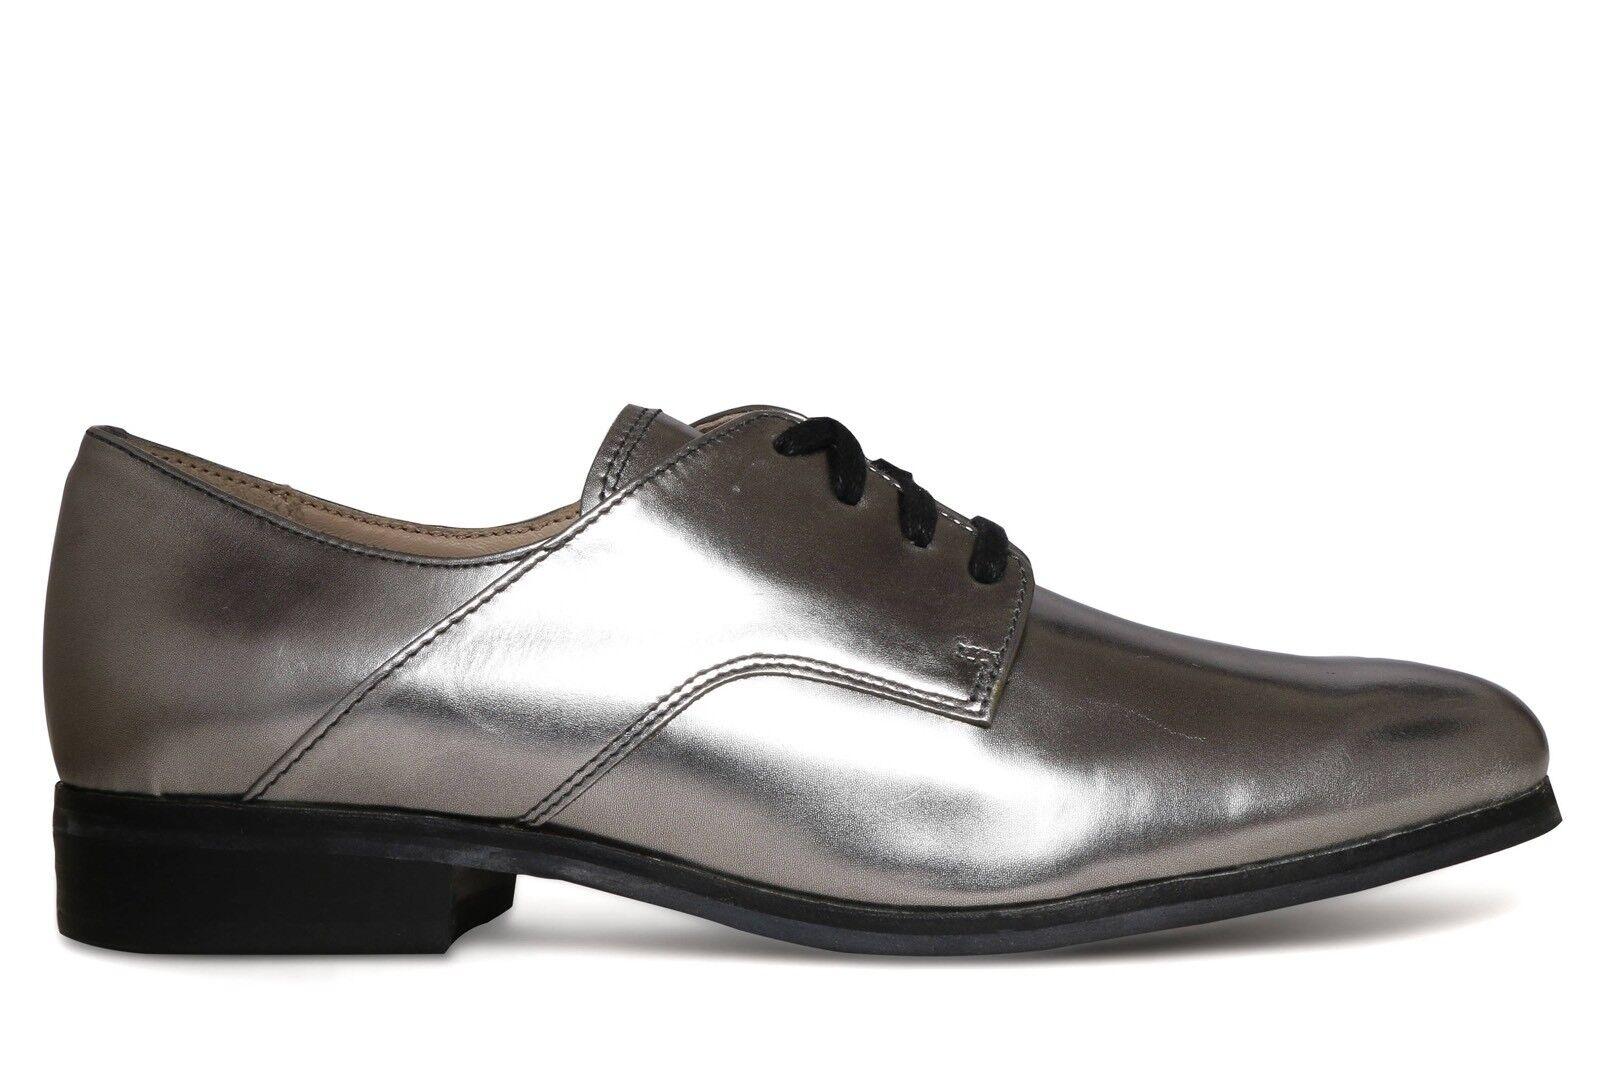 Clarks Ladies Hotel Dream Black  Leather shoes UK Size 6D   EU 39